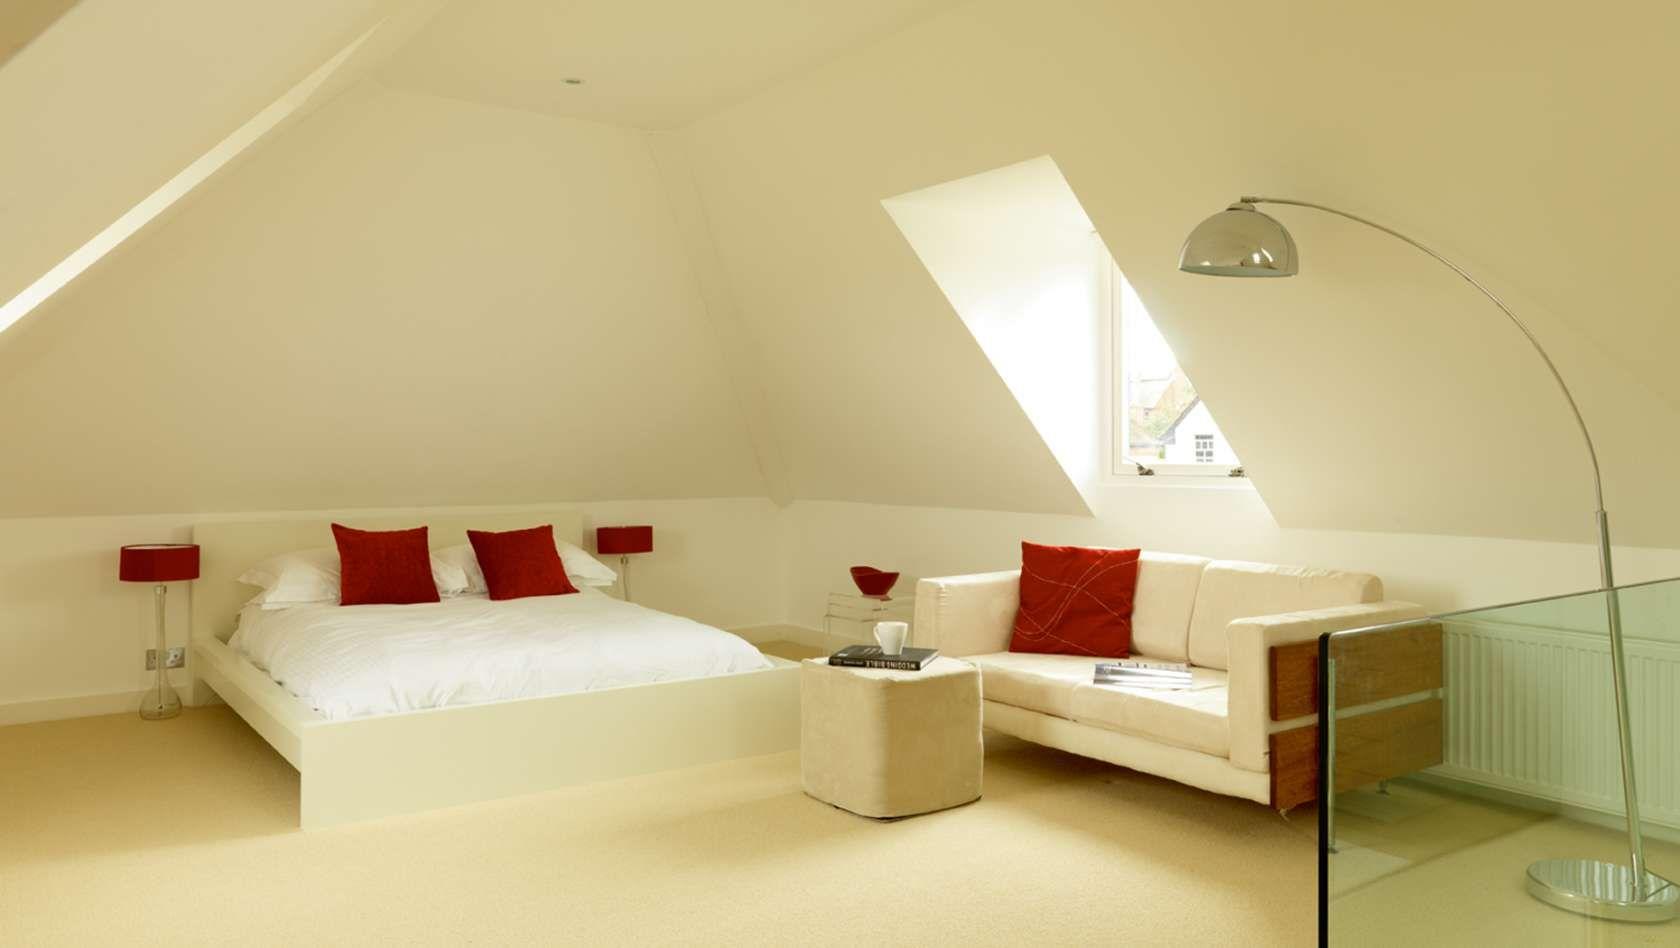 Master Bedroom Loft loft conversion beginner's guide | homebuilding & renovating